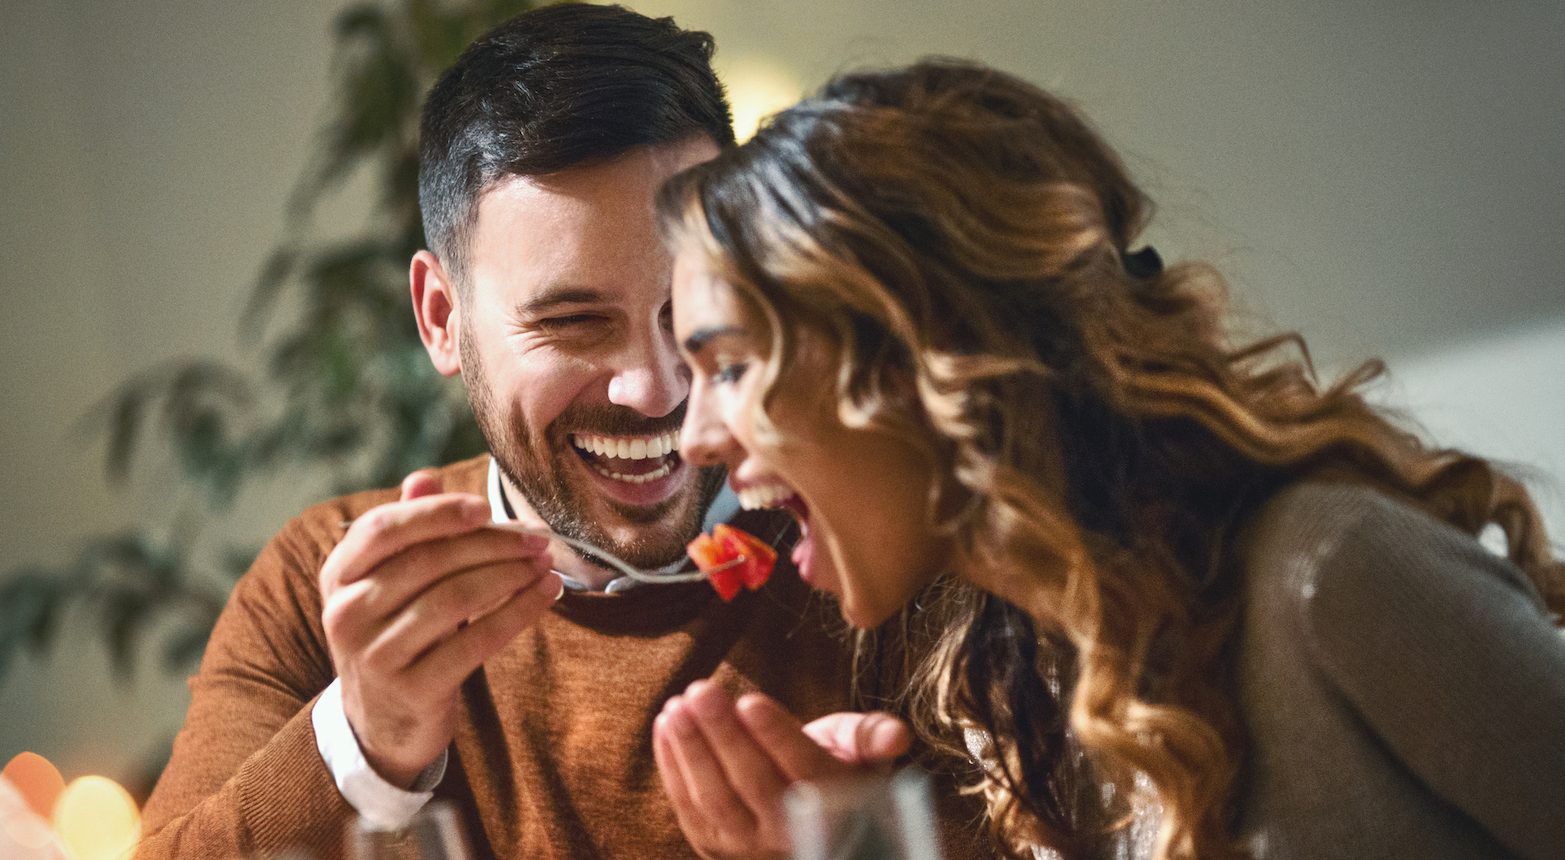 come-aumentare-gli-ormoni-della-felicita-e-del-benessere